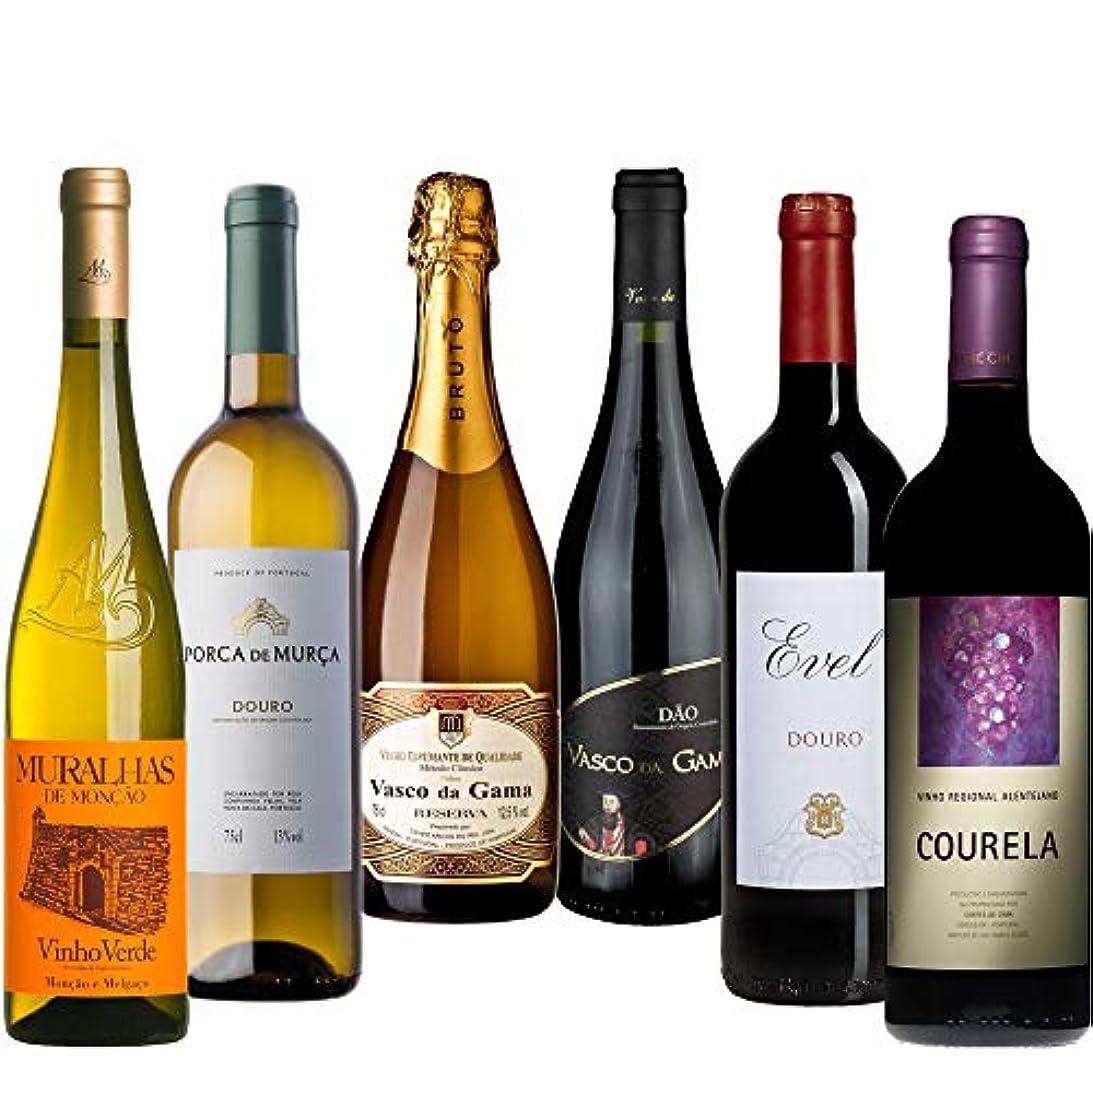 近似関係ないフォーマルポルトガルワイン飲み比べ6本セット 750ml×6本